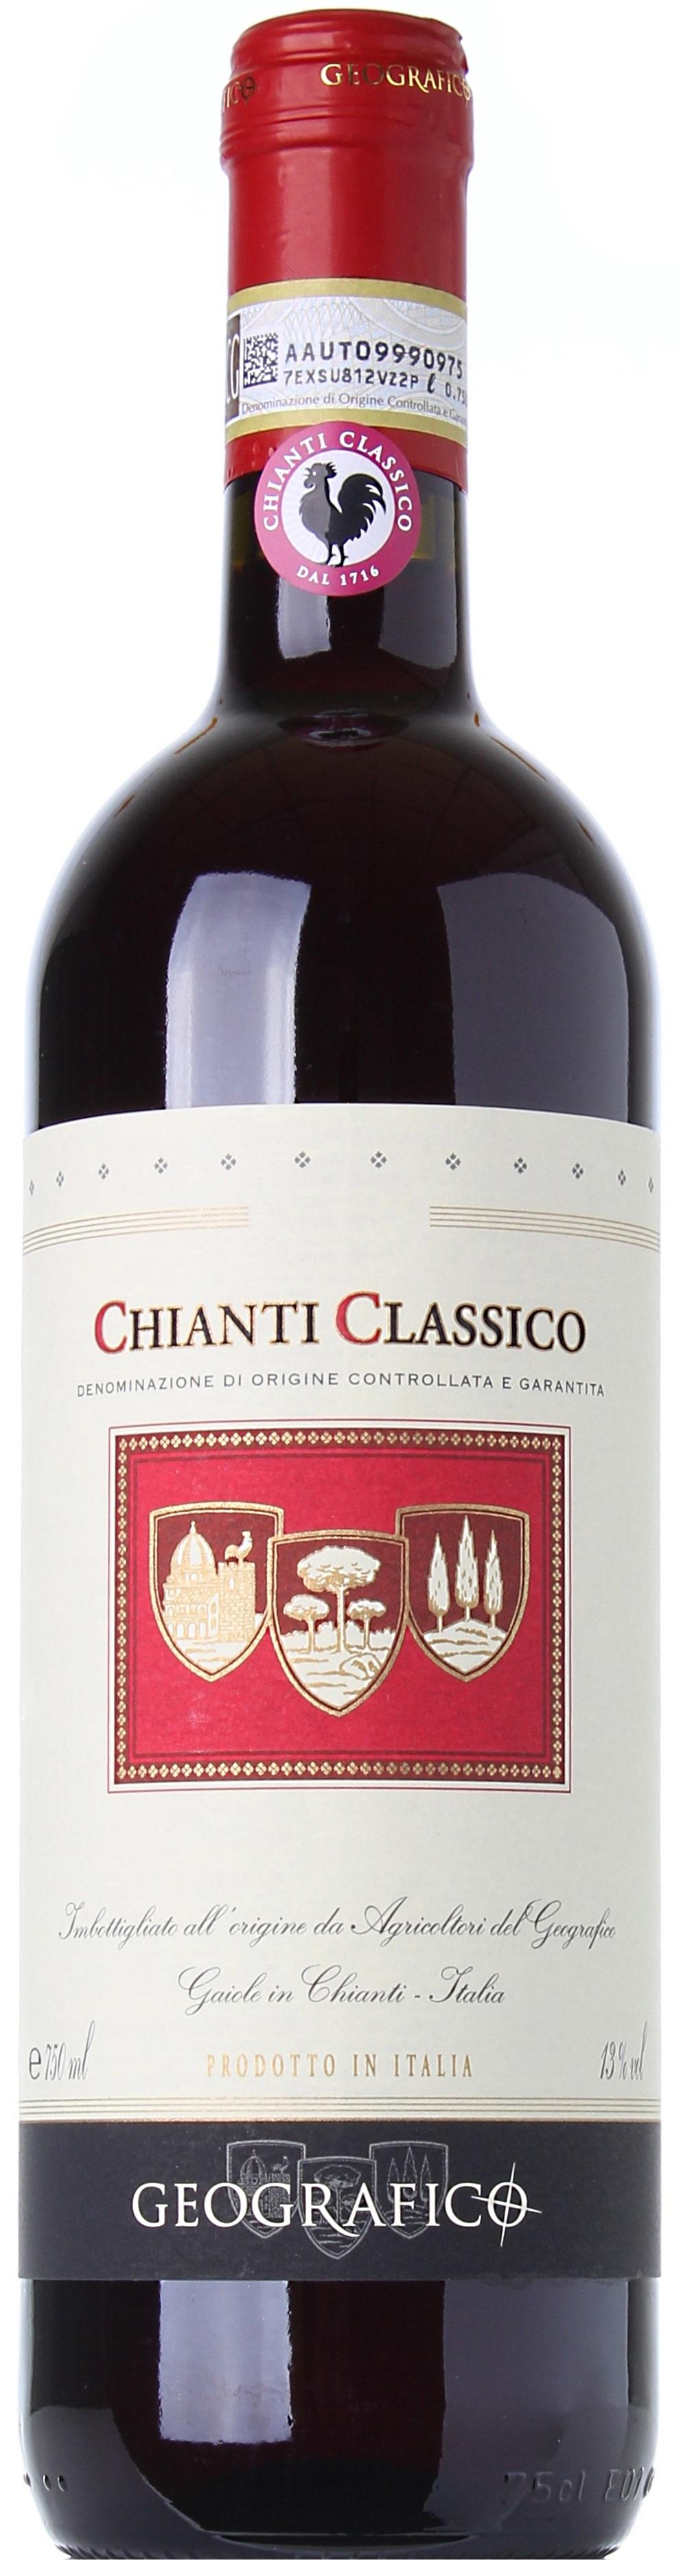 Chianti Classico Geografico 90 Sangiovese 10 Canaiolo Nero 2011 Cooperativa Fra Agricoltori Del Chianti Geogra Hard Drink Vintage Wine Soy Sauce Bottle